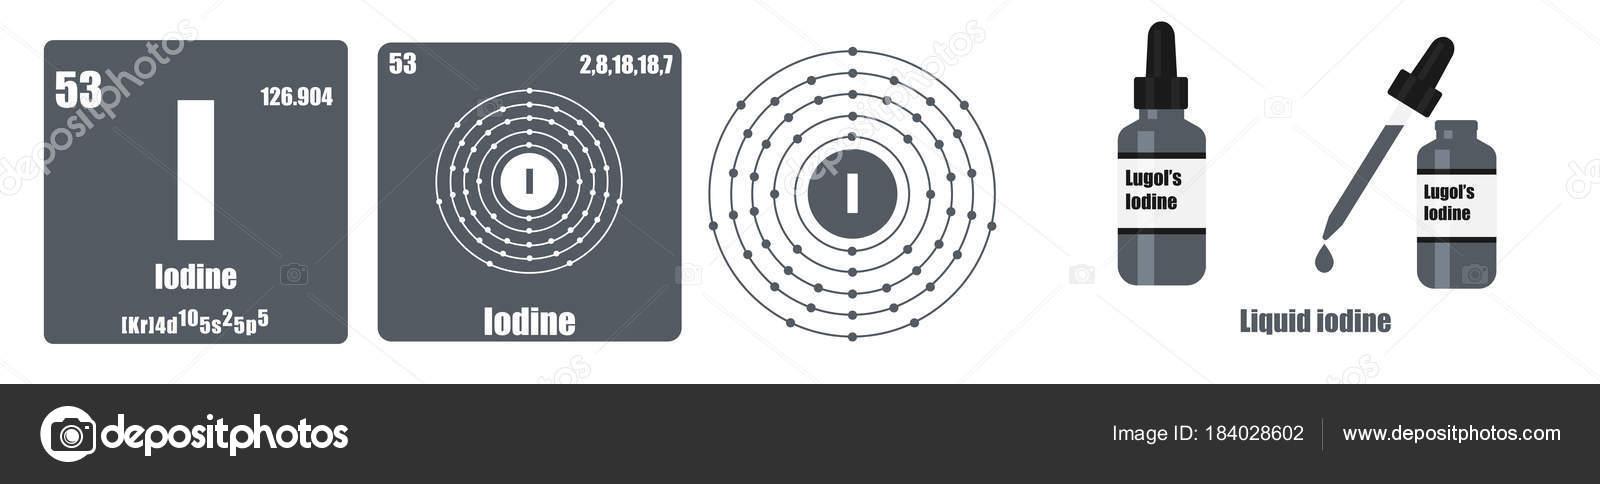 Tabla periodica de los elementos del grupo vii halgeno yodo tabla periodica de los elementos del grupo vii halgeno yodo vector de stock urtaz Choice Image